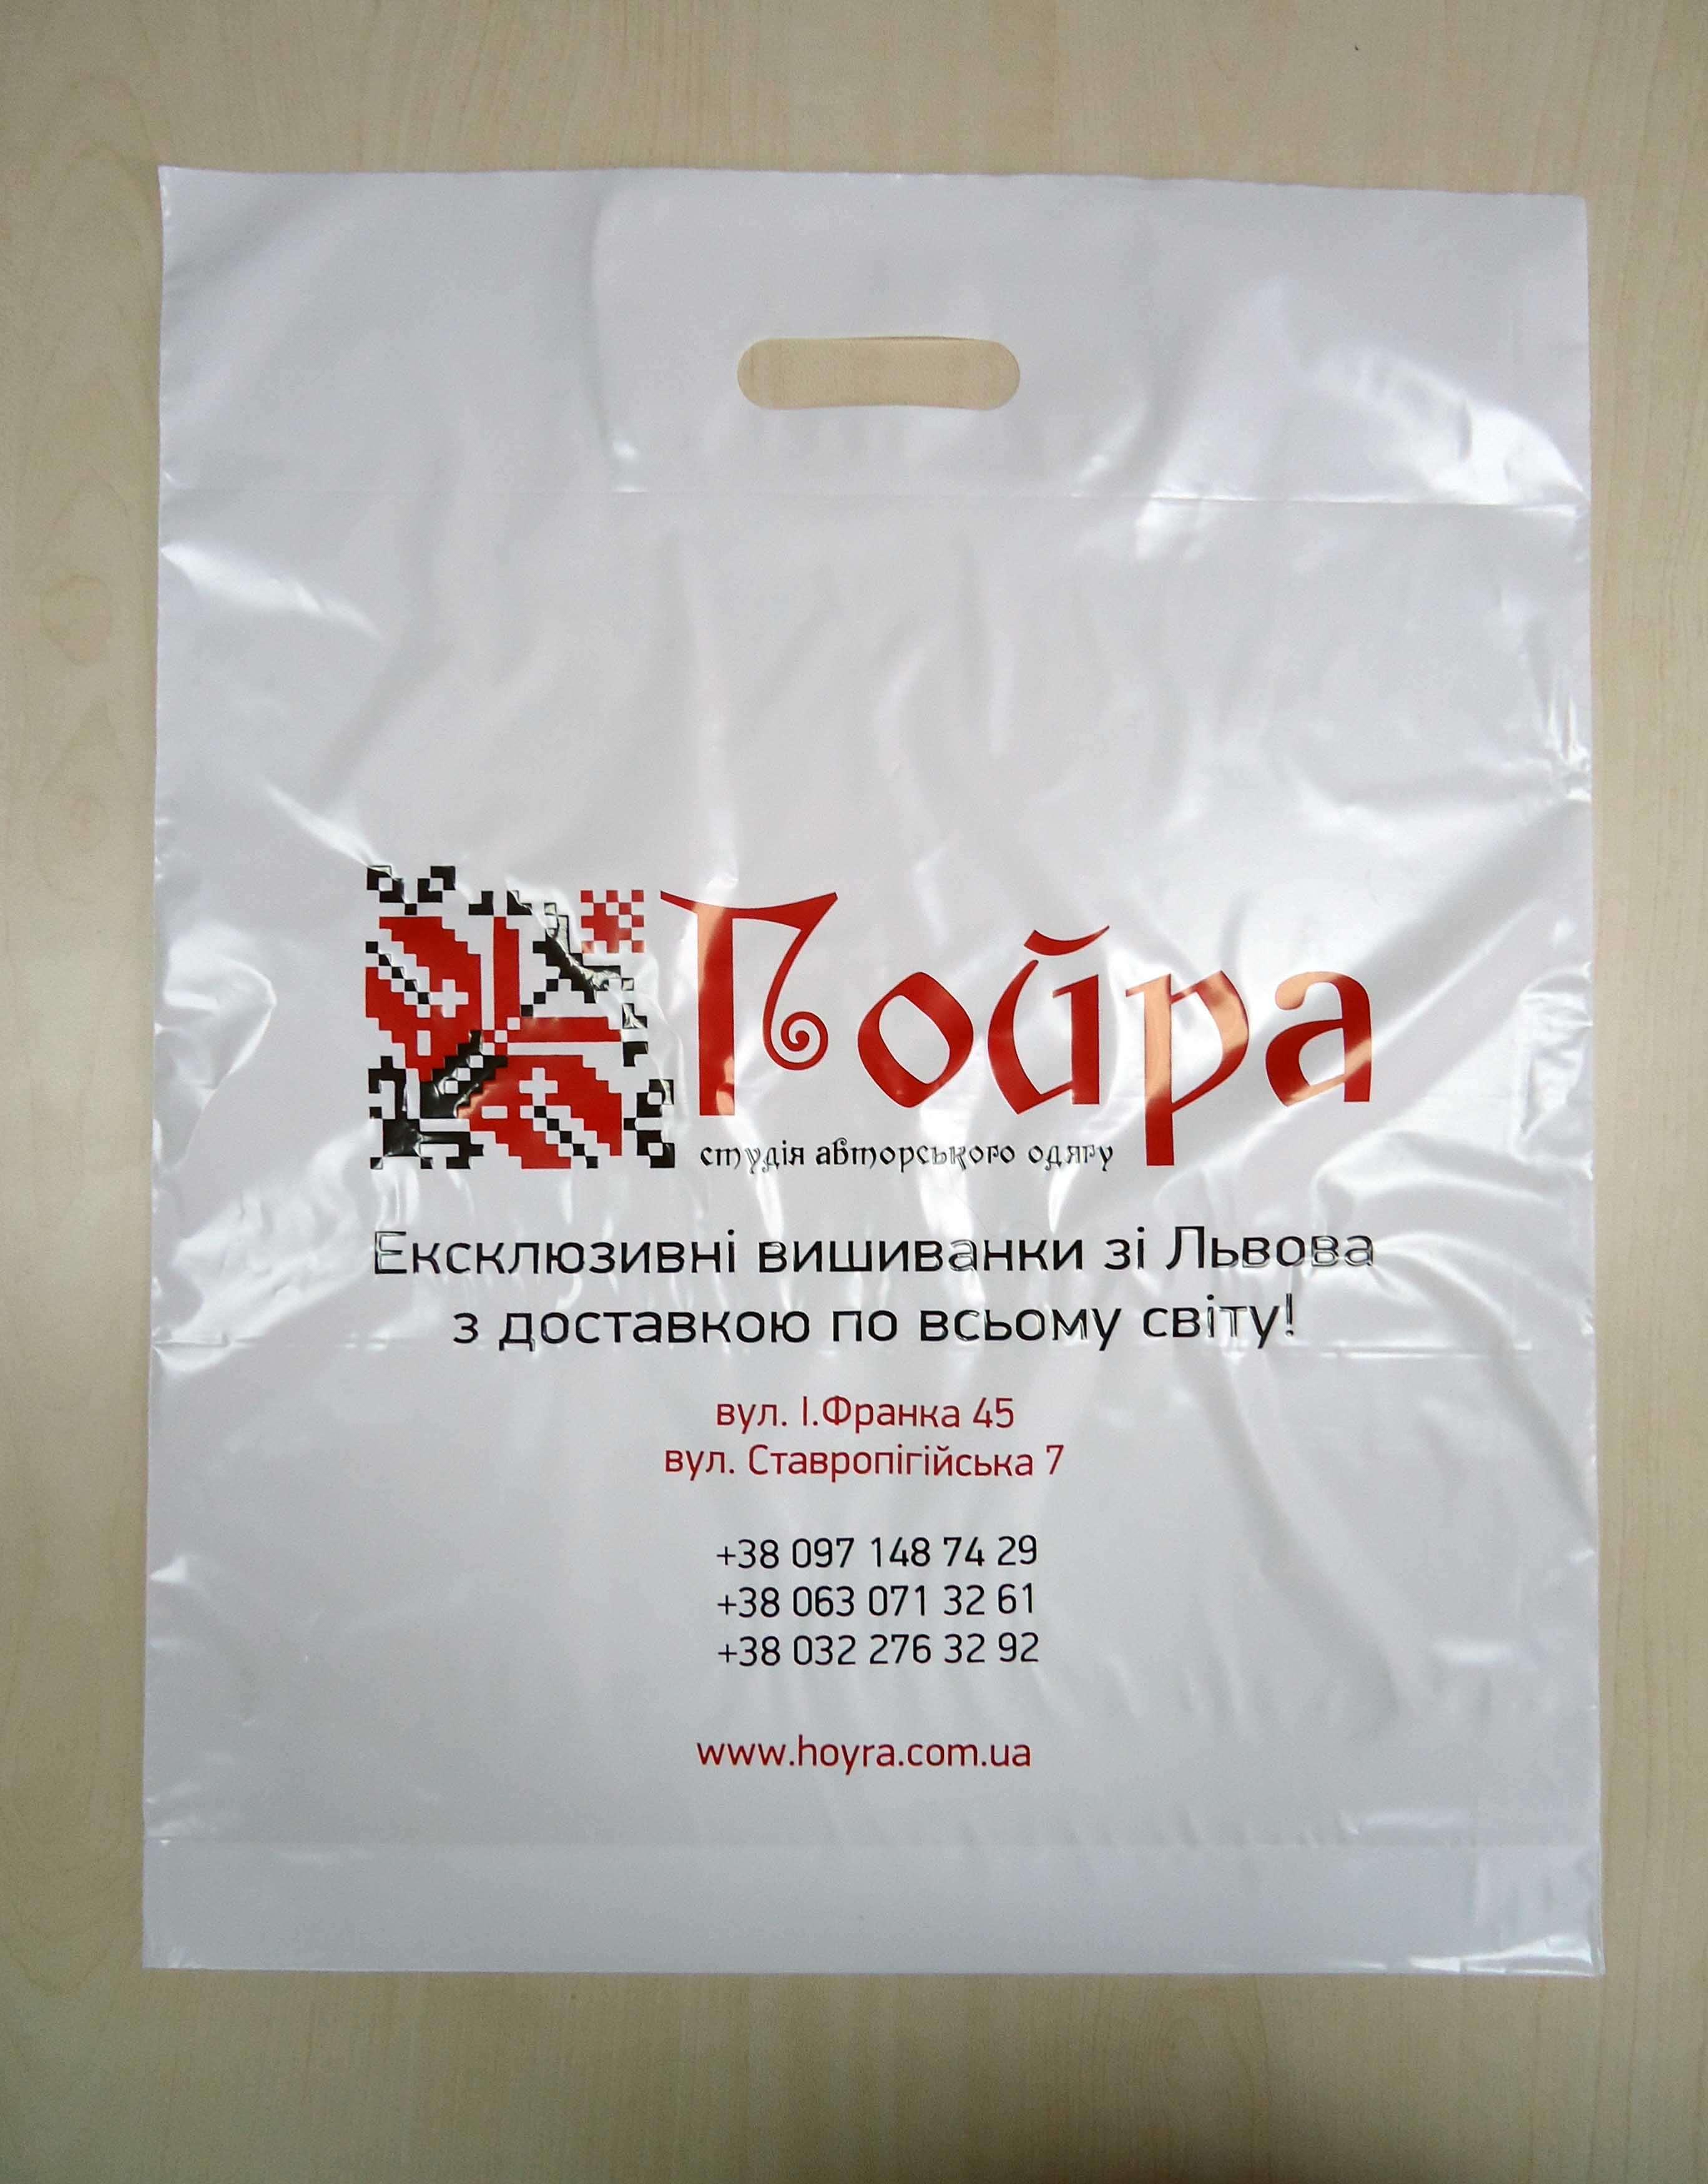 Особенности активированных пакетов под печать Chernigov Package - Photo Копия DSC03555